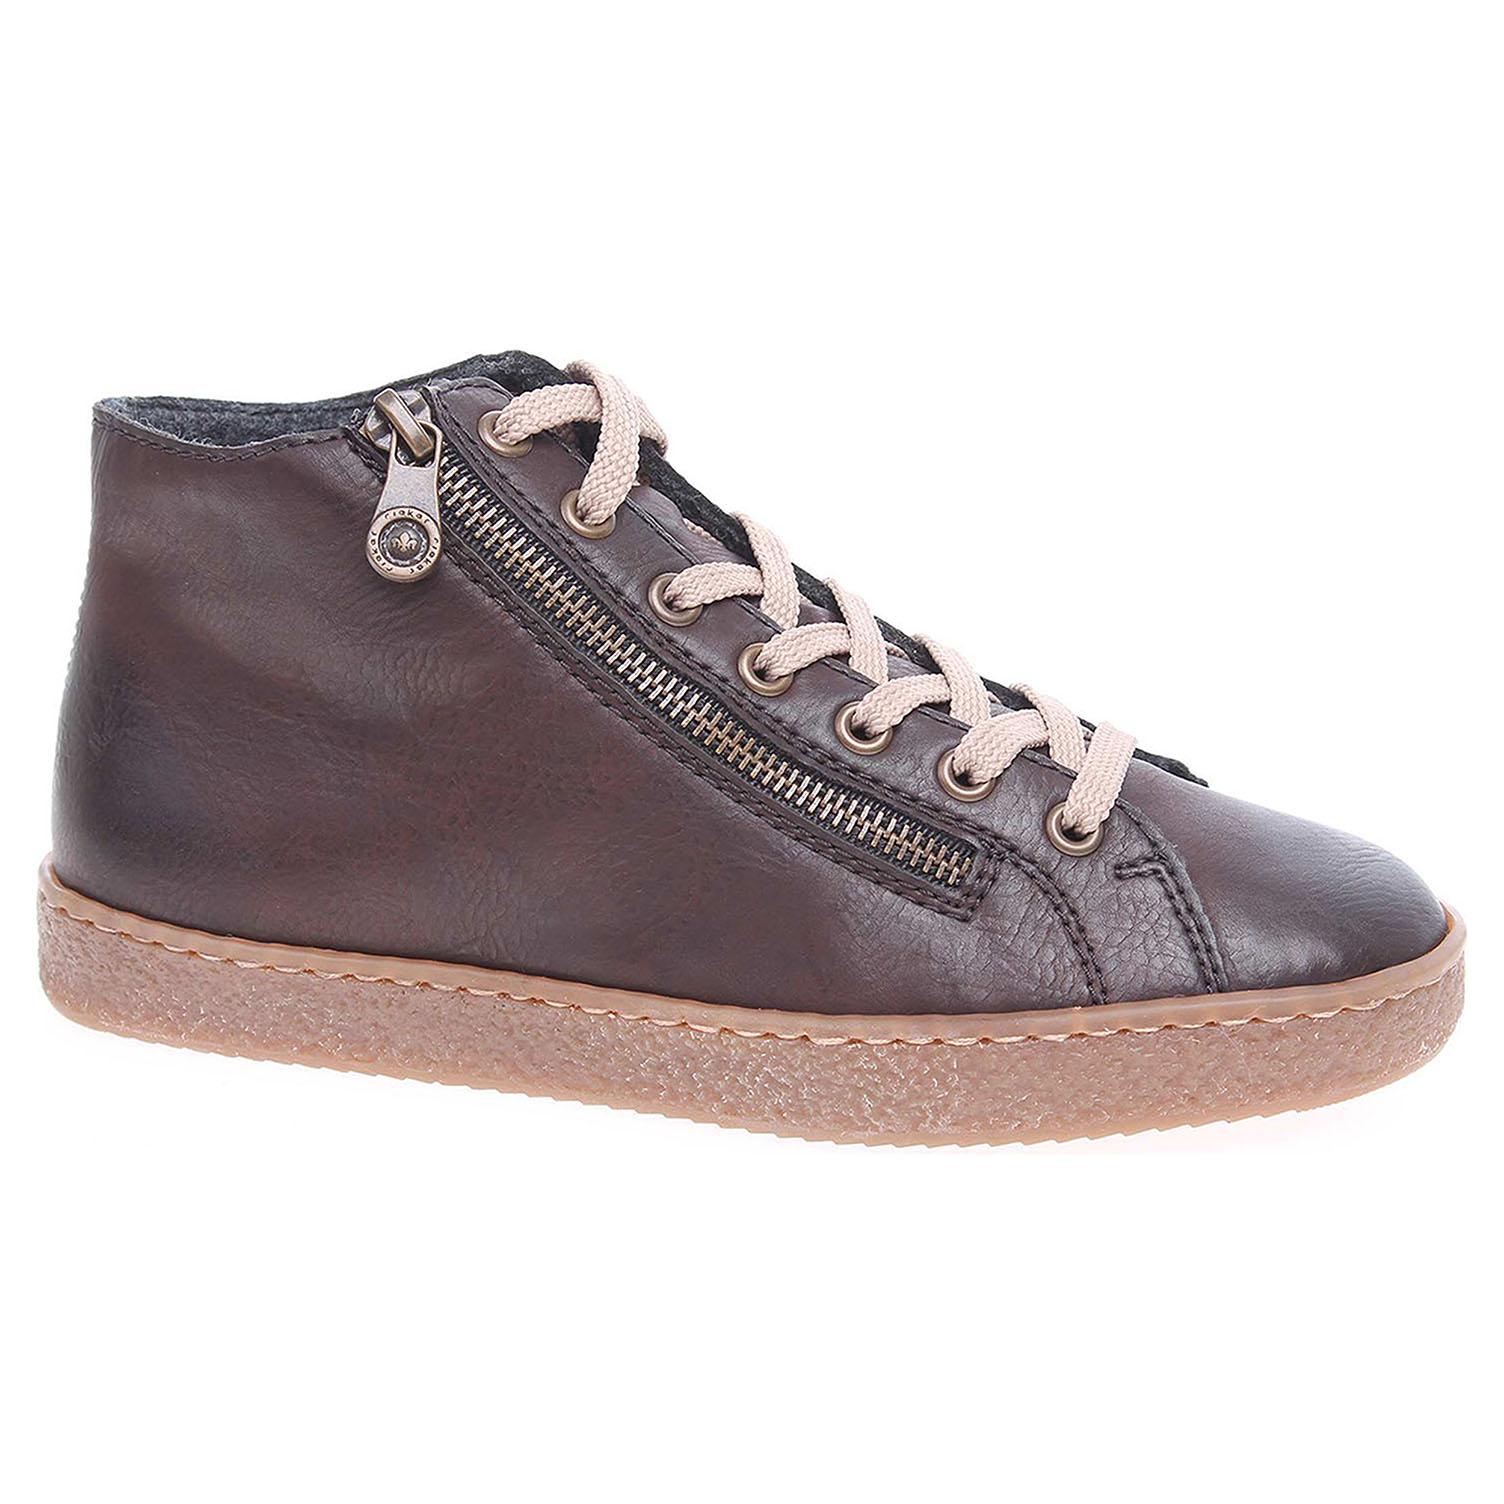 Dámská kotníková obuv Rieker L4831-25 hnědé L4831-25 41